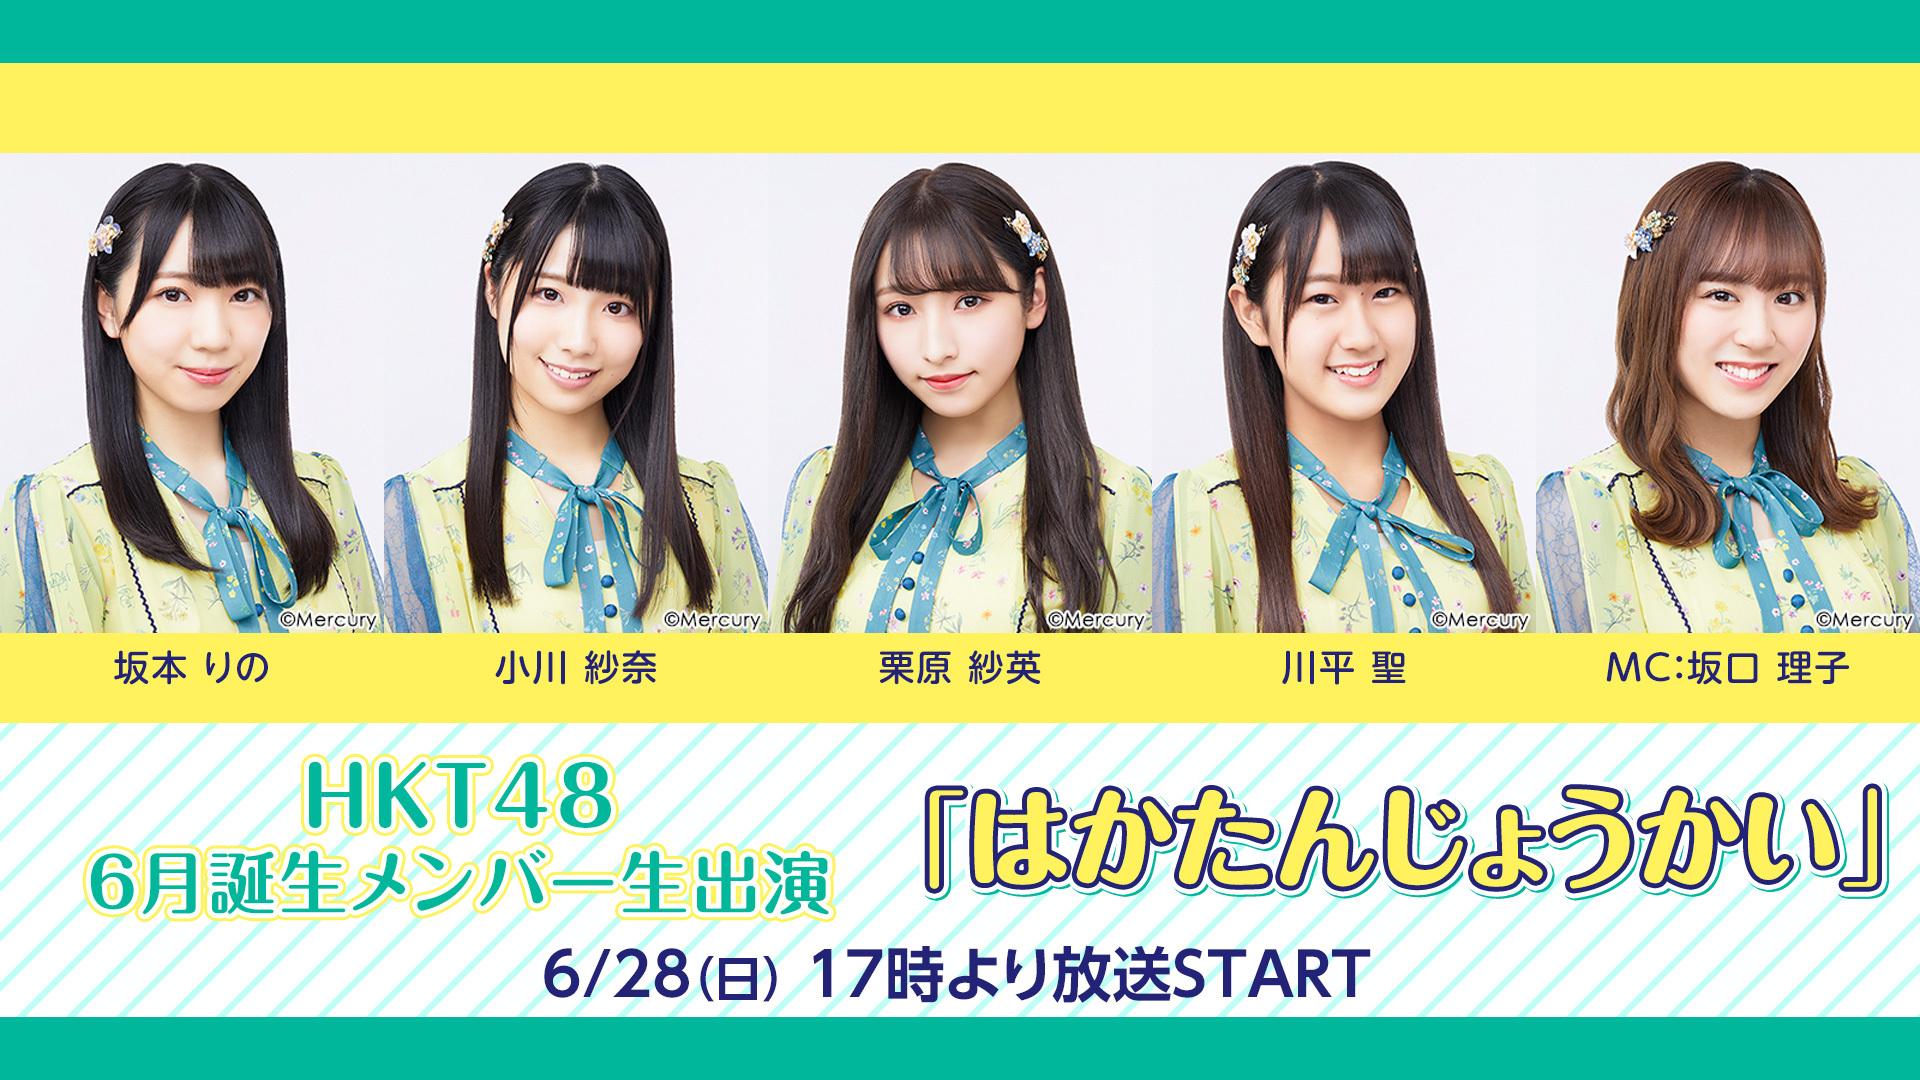 HKT48 6月誕生メンバー生出演「はかたんじょうかい」